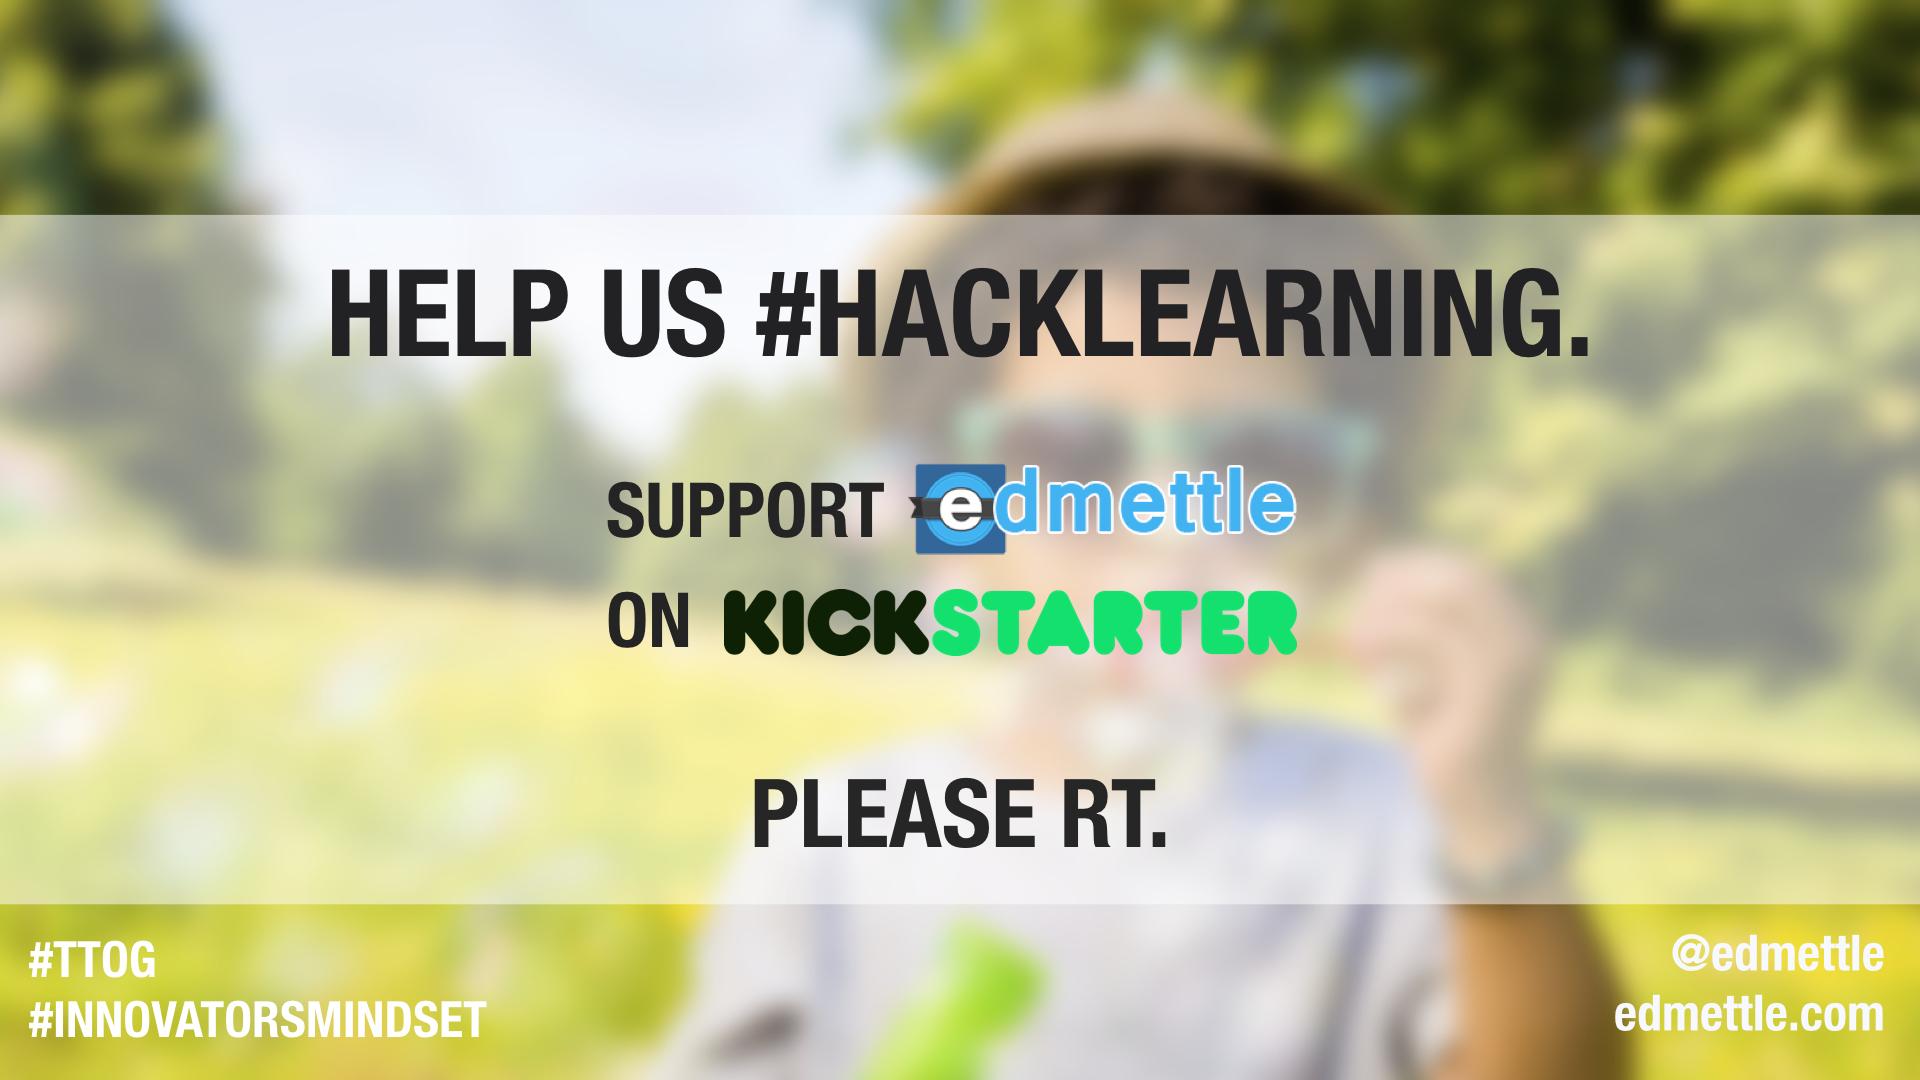 Support @edmettle on @kickstarter